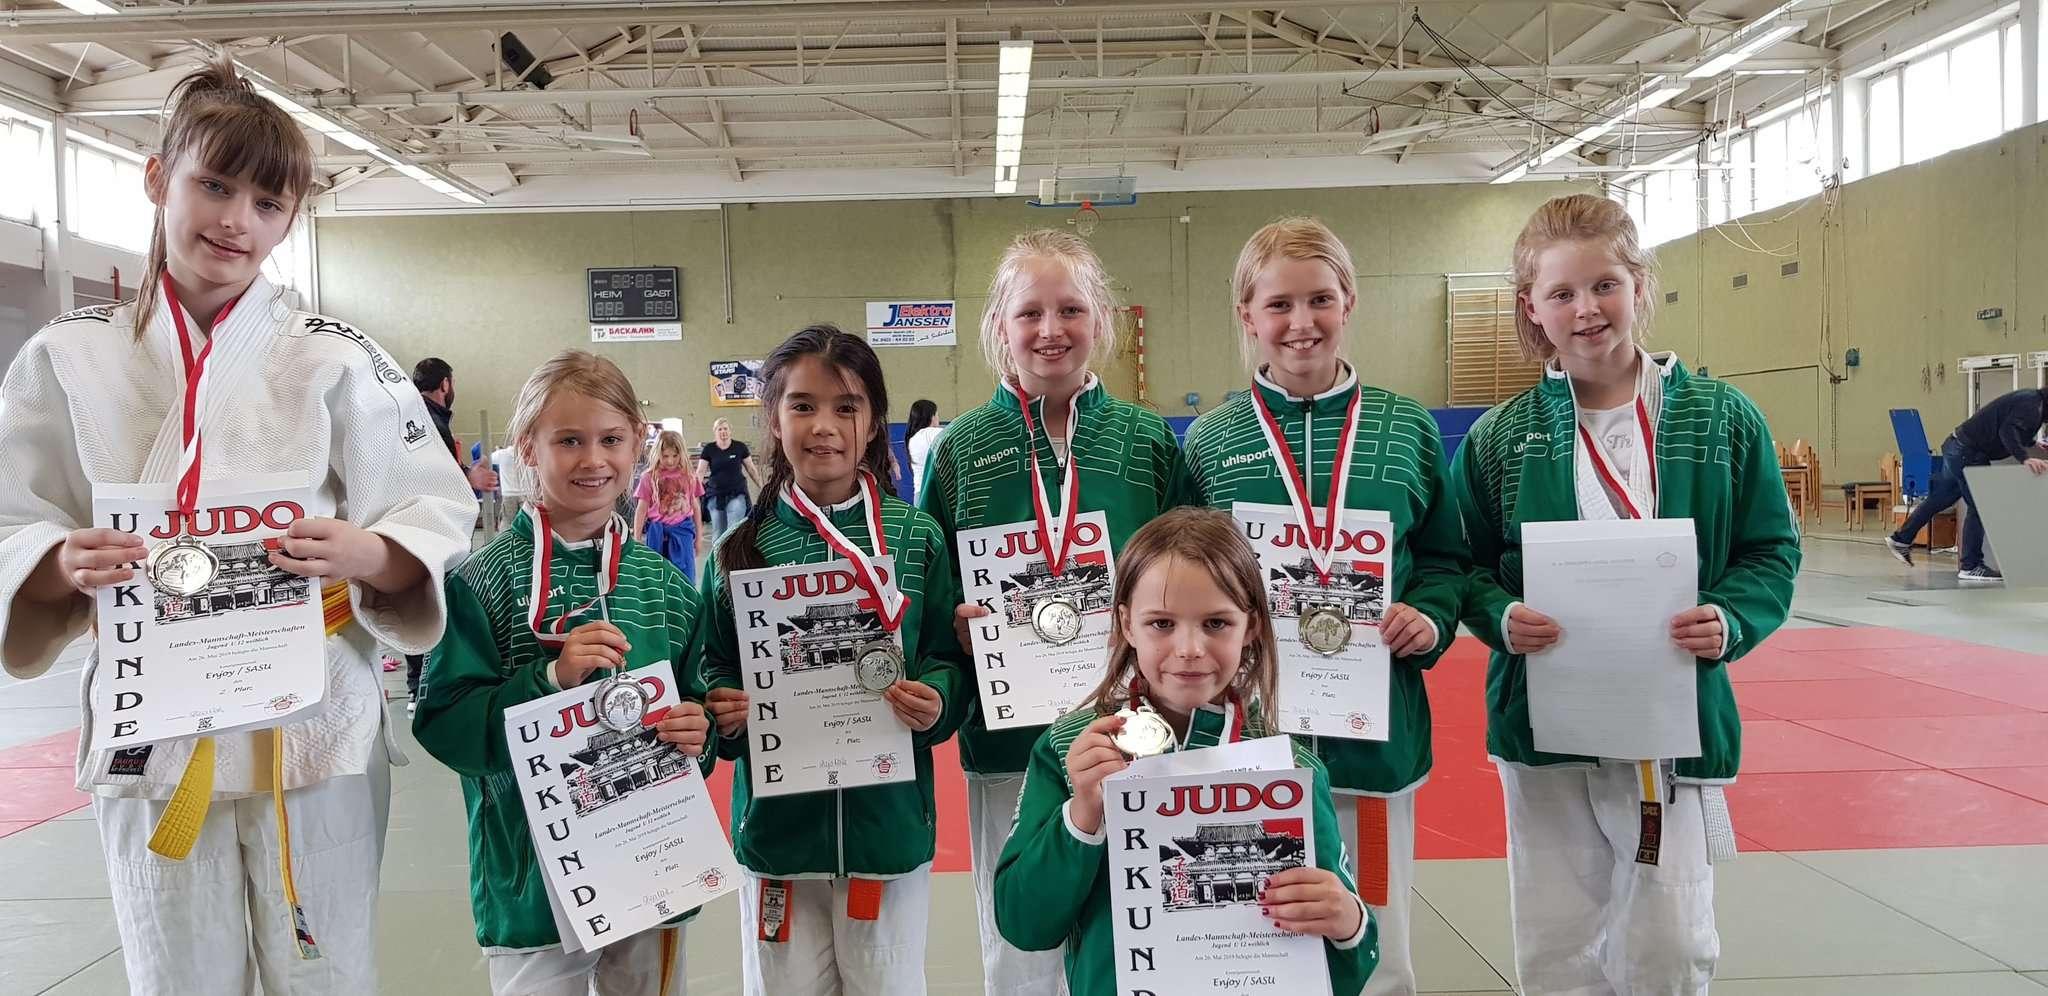 Am vergangenen Wochenende wurden die Mädchen von Enjoy Judo aus Oyten U12-Vize-Landesmeister.